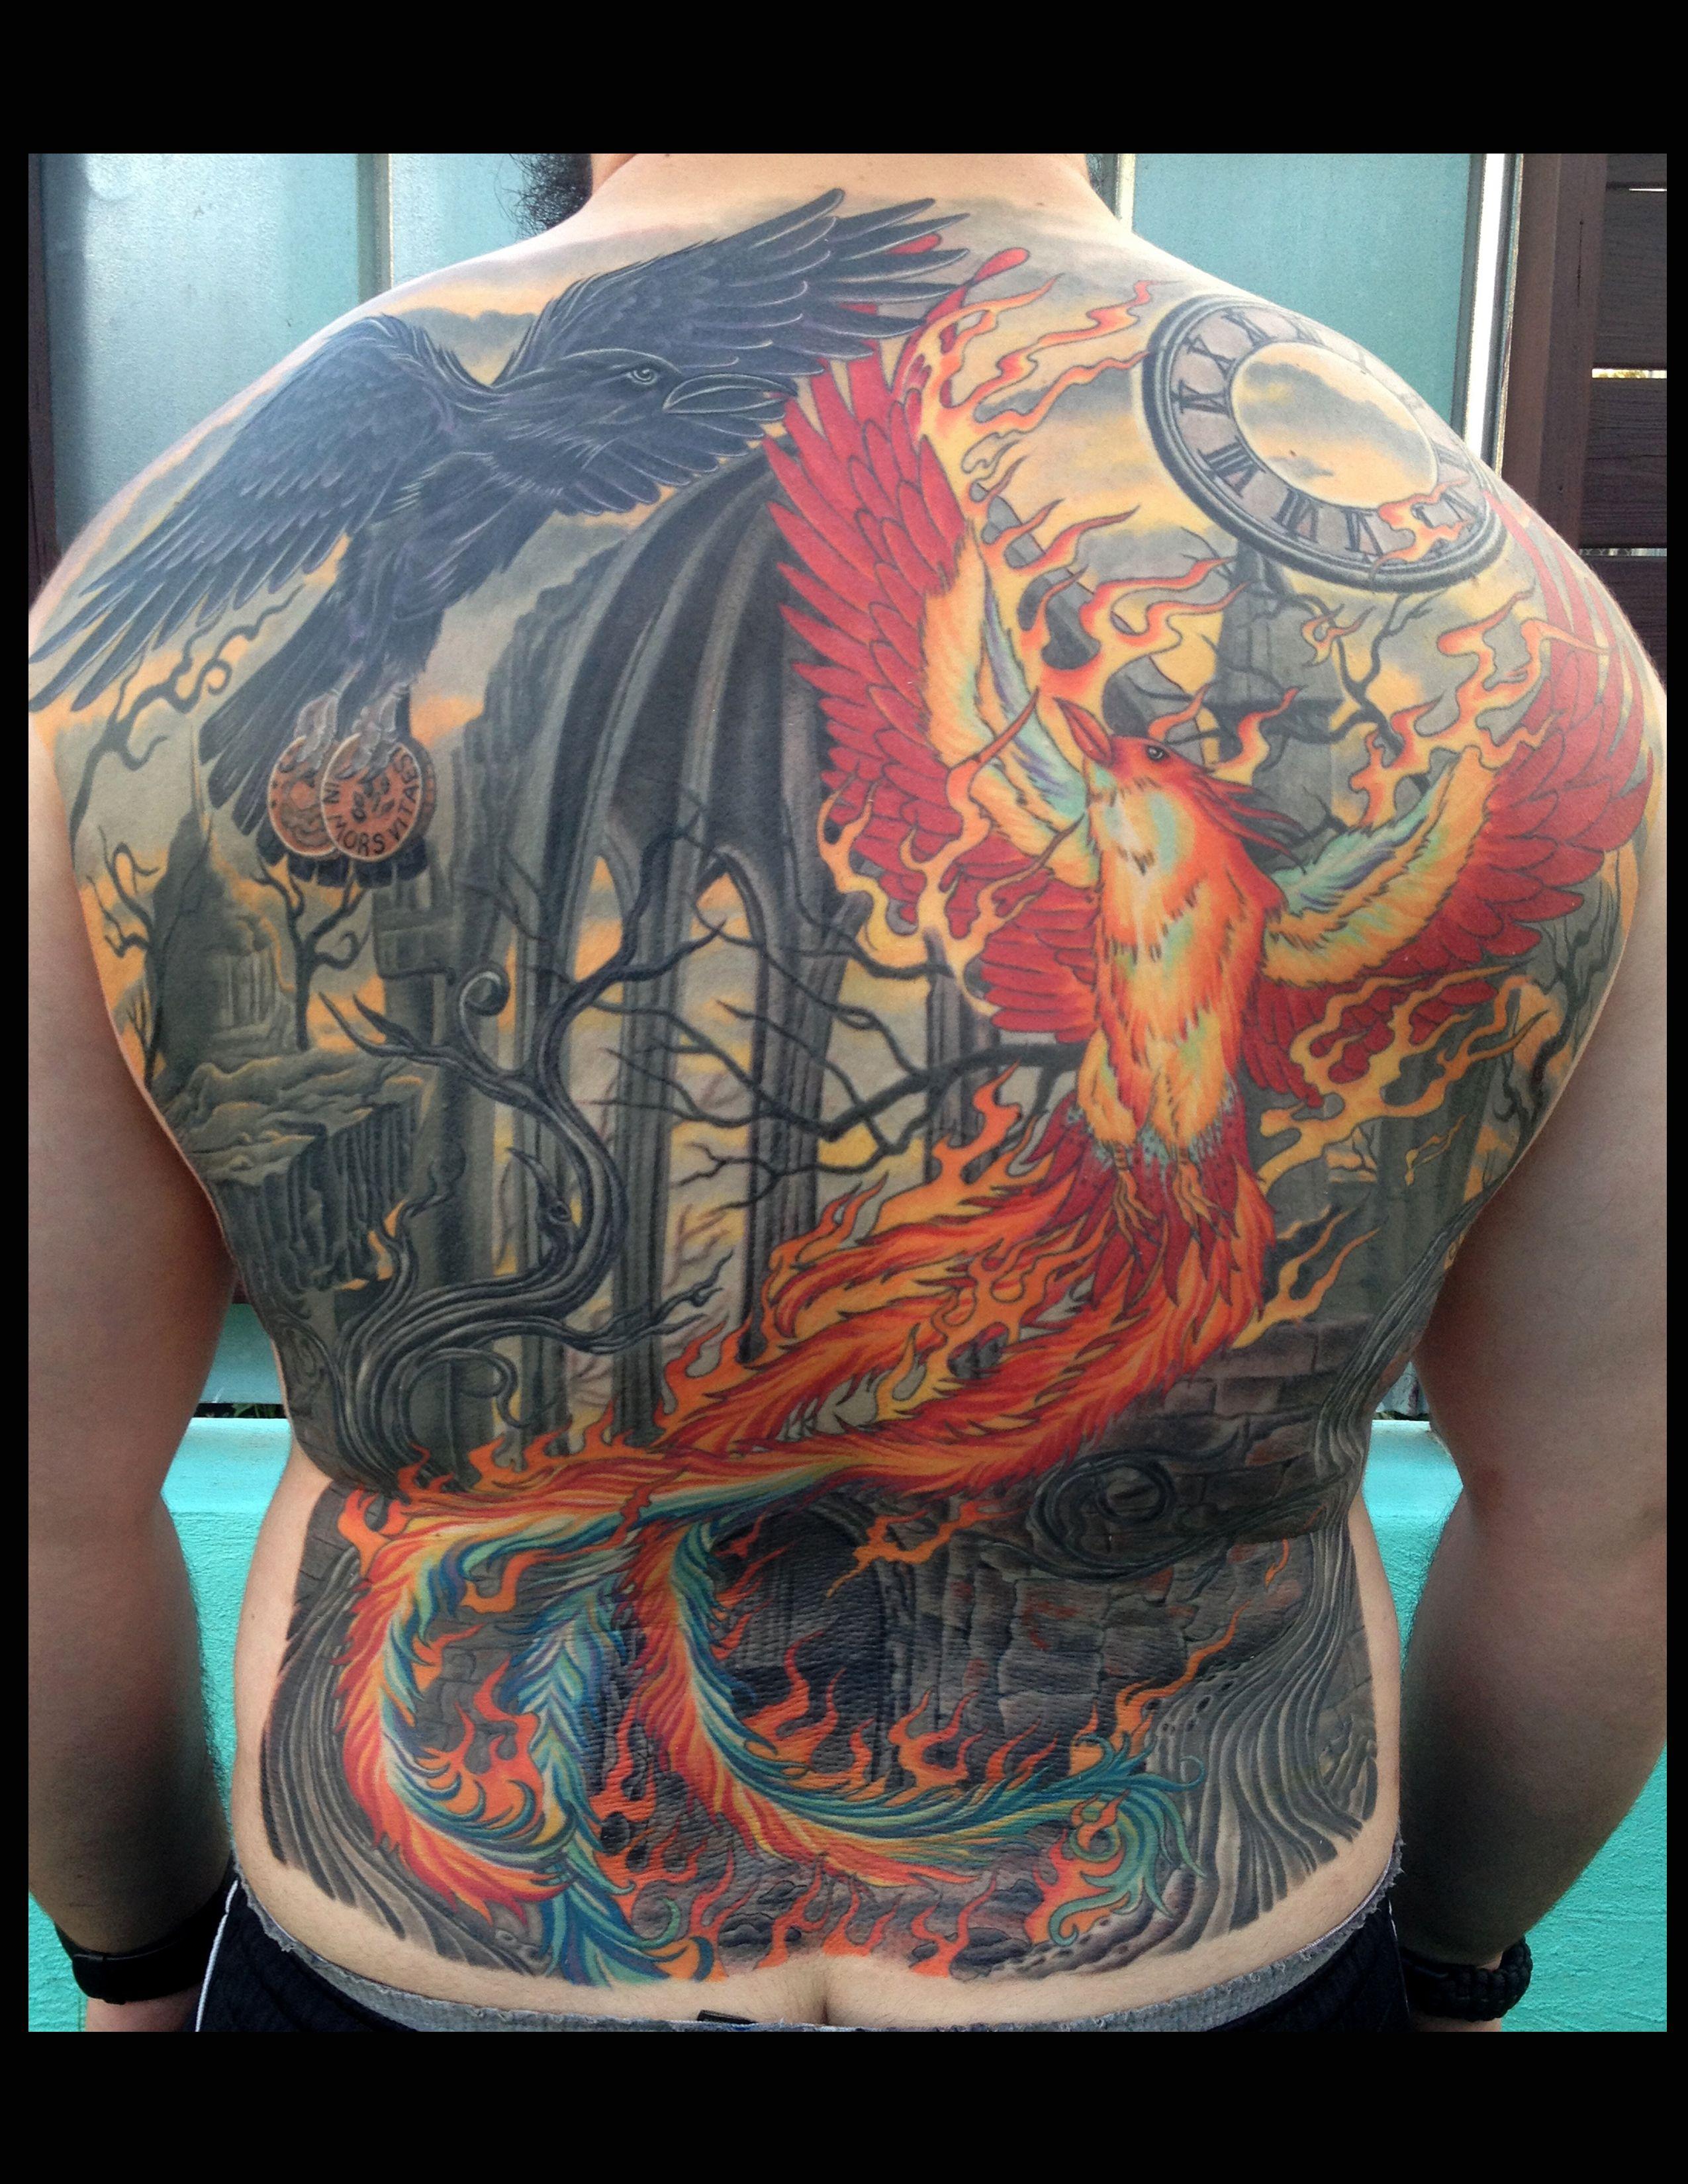 Phoenix tattoo back piece tattoo raven tattoo berlin